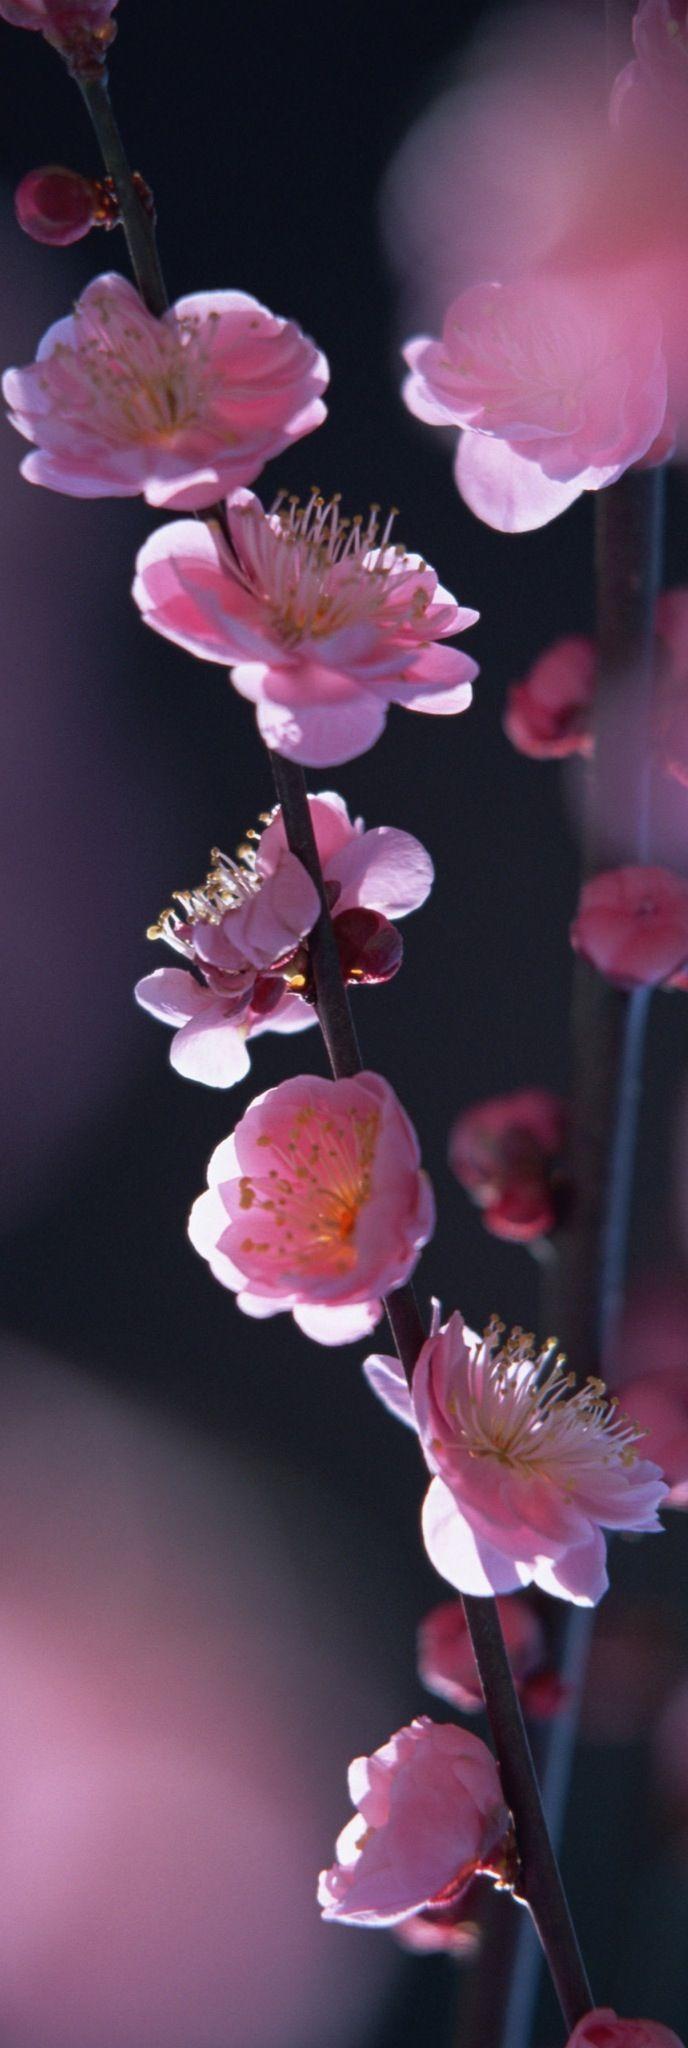 Peach Blossom                                                                                                                                                      More